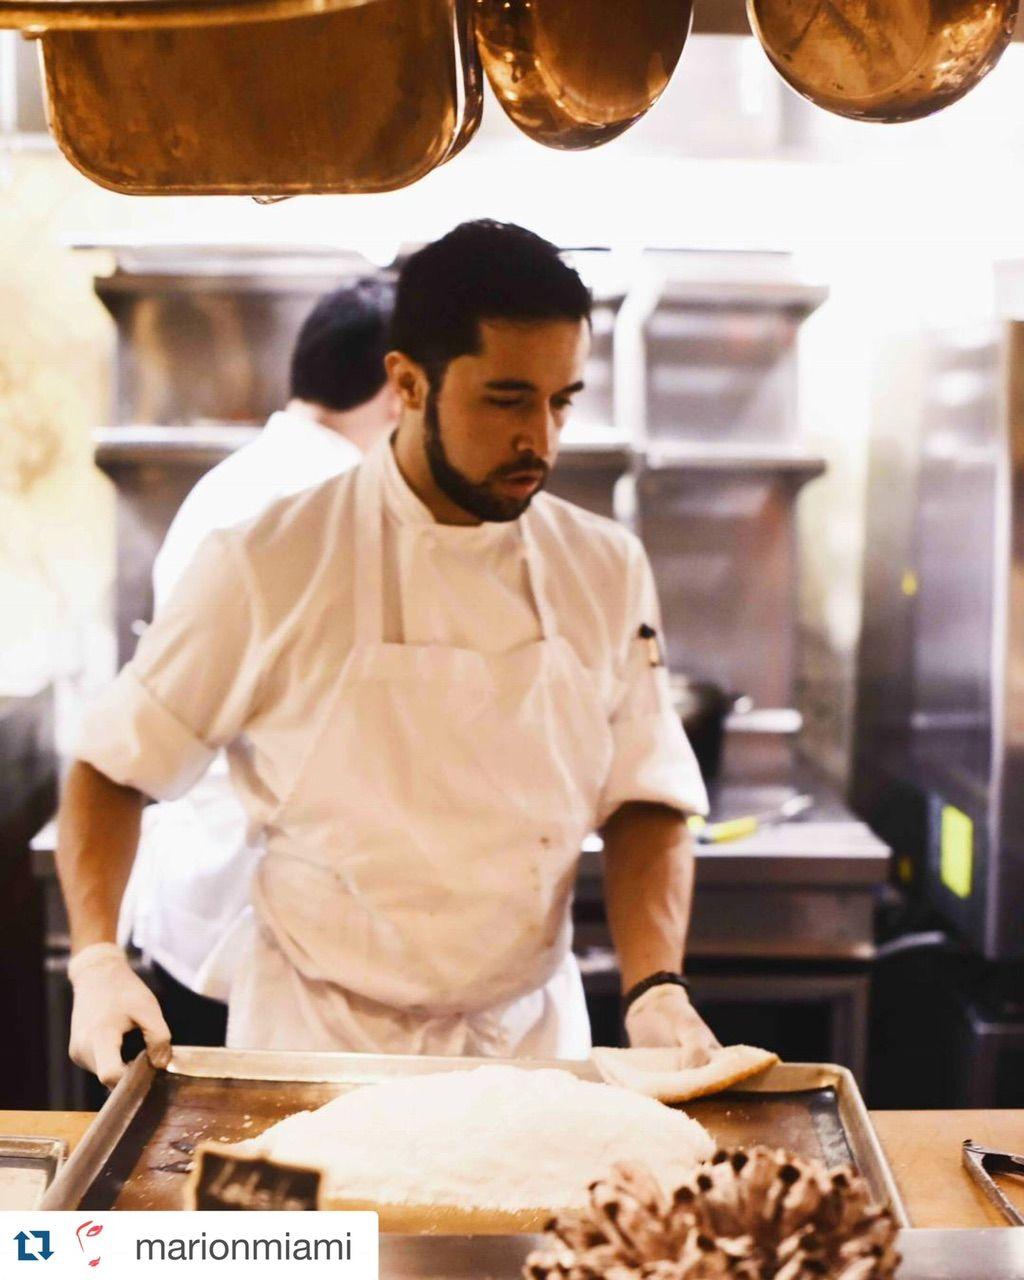 Leon Gómez - Private Chef / Catering